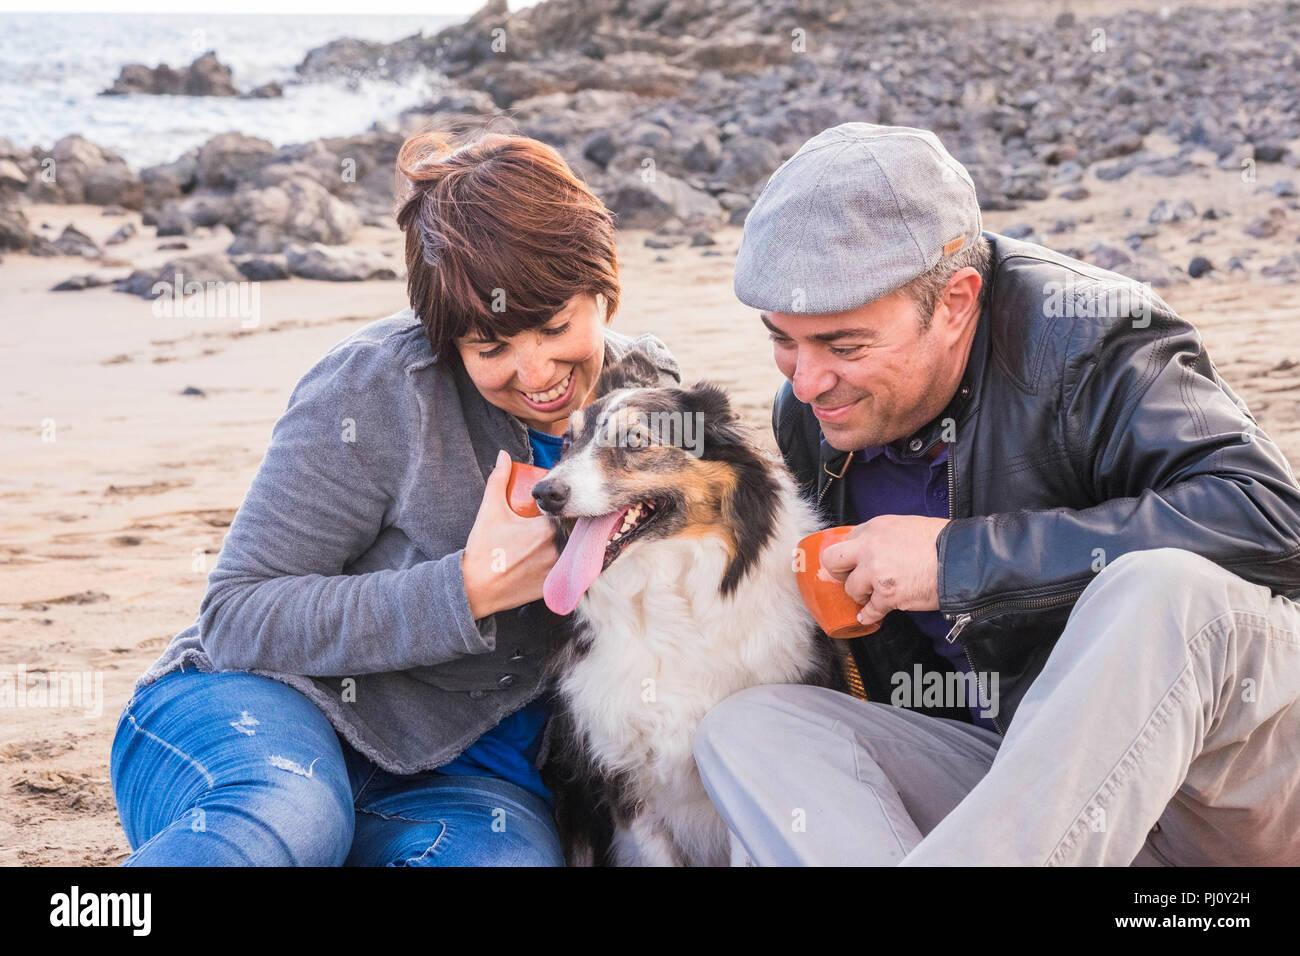 Gruppe sehr netter Hund, Mann und Frau, junge Menschen gemeinsam Spaß am Strand Tee trinken und genießen die Outdoor Freizeitaktivitäten Aktivität. Mode Leute Stockbild